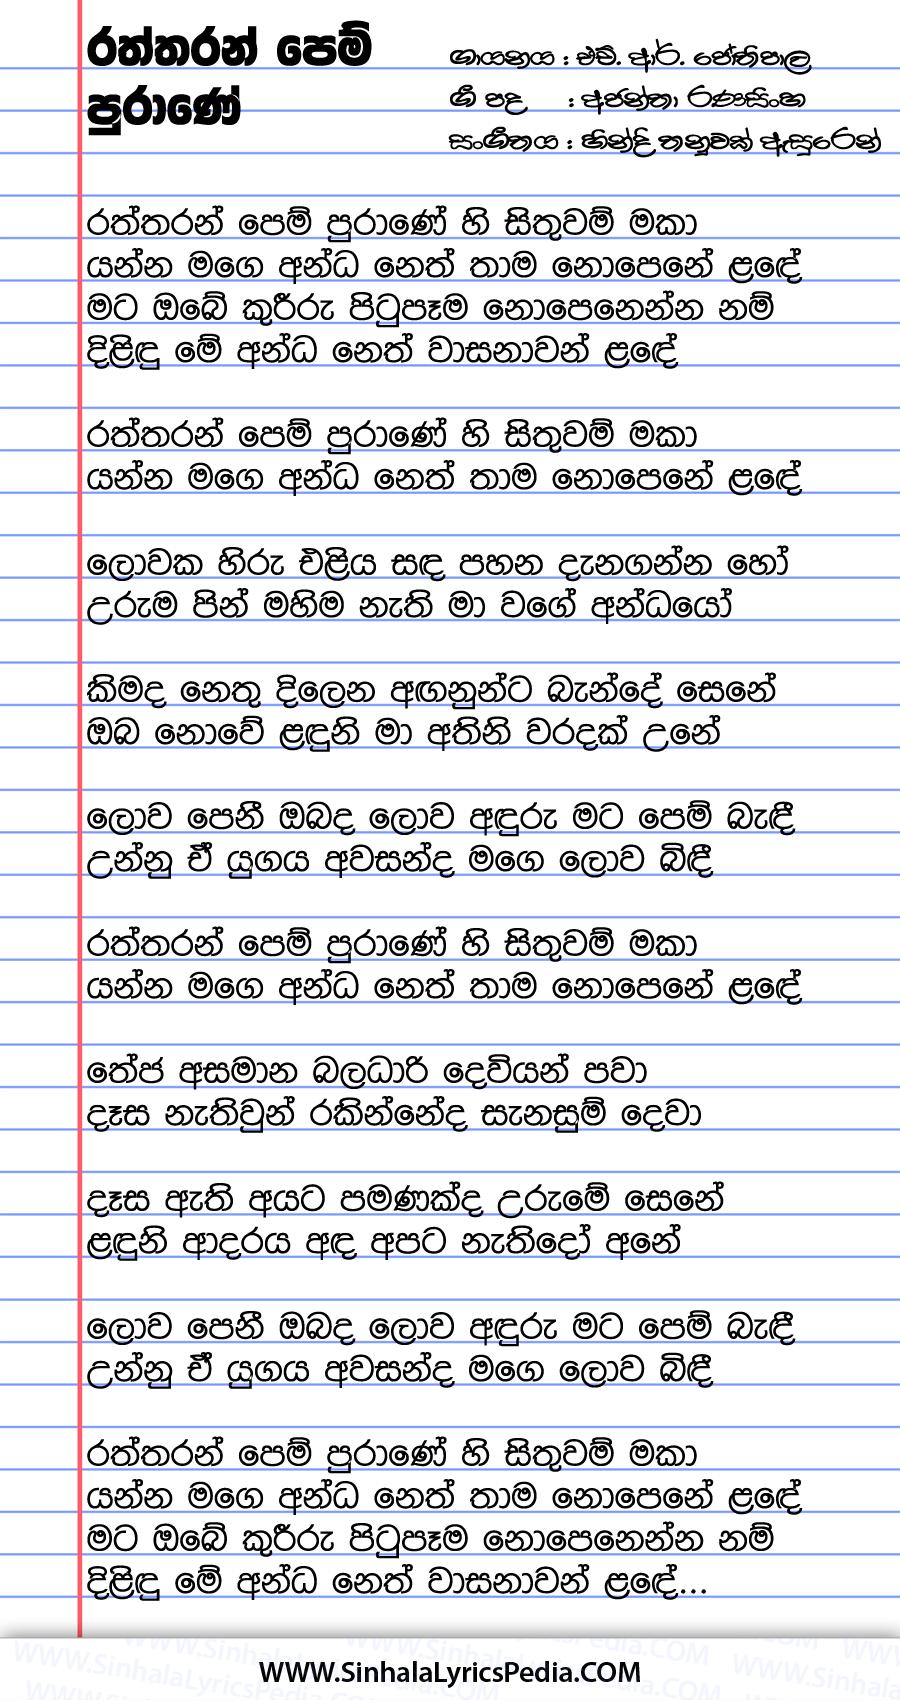 Raththaran Pem Purane Sithuwam Maka Song Lyrics